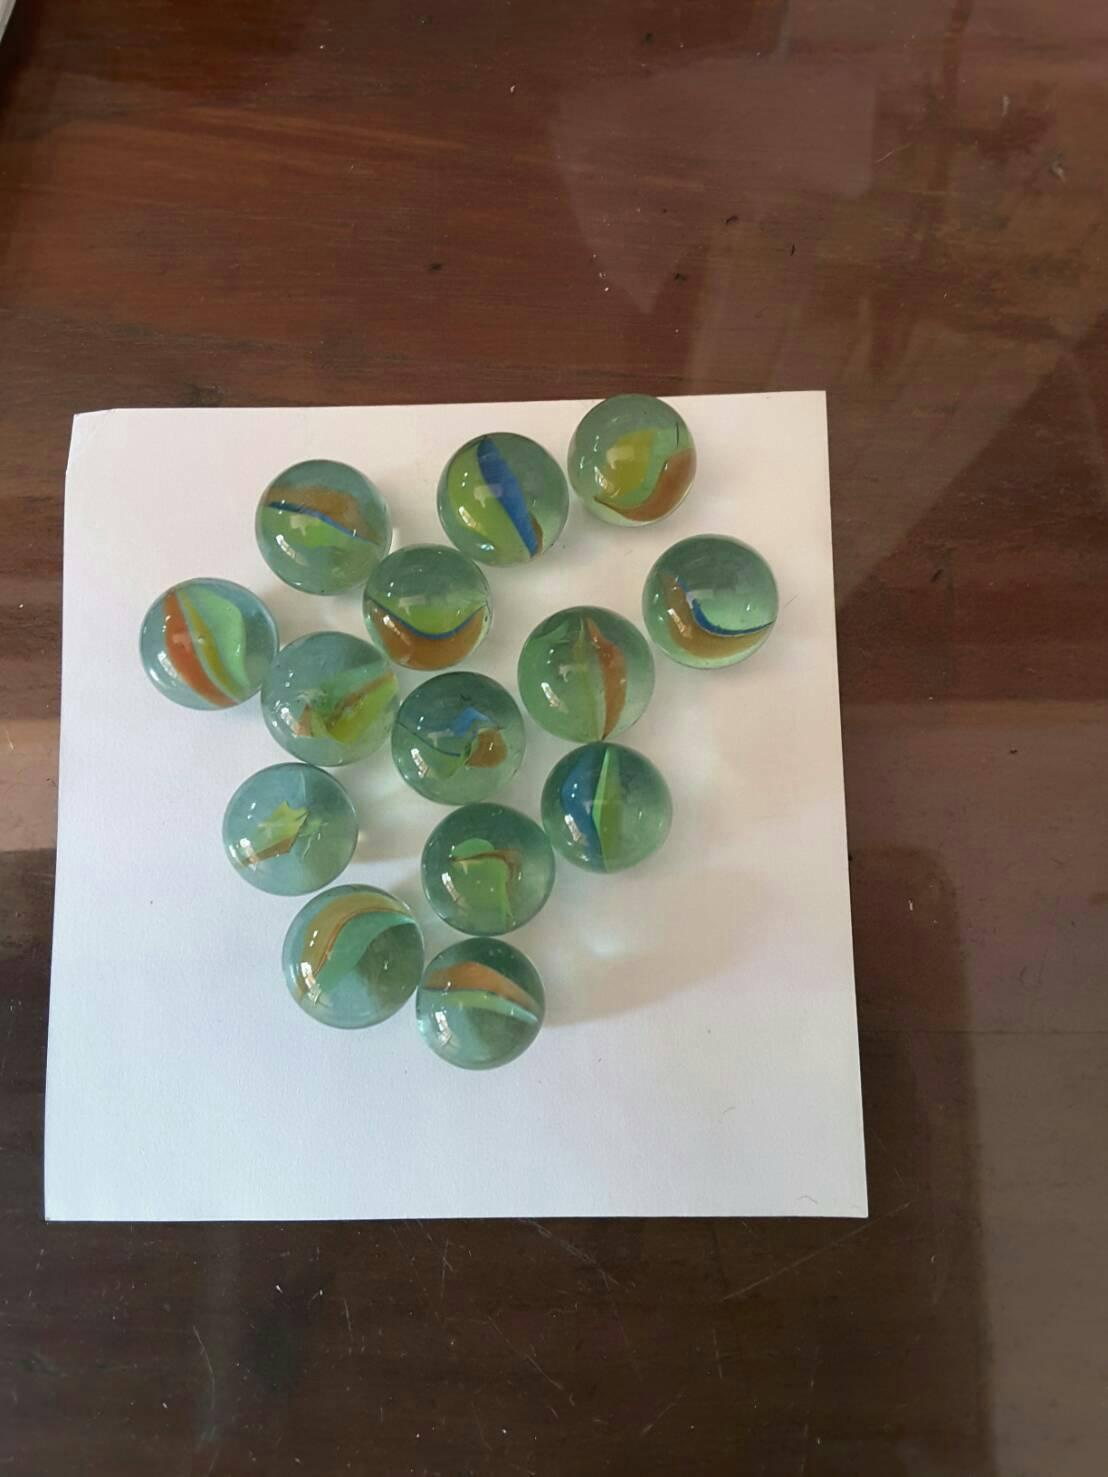 ลูกแก้วใส ขนาด 1.6 มล. แบ่งขาย 100 ลูก Glass Marbles